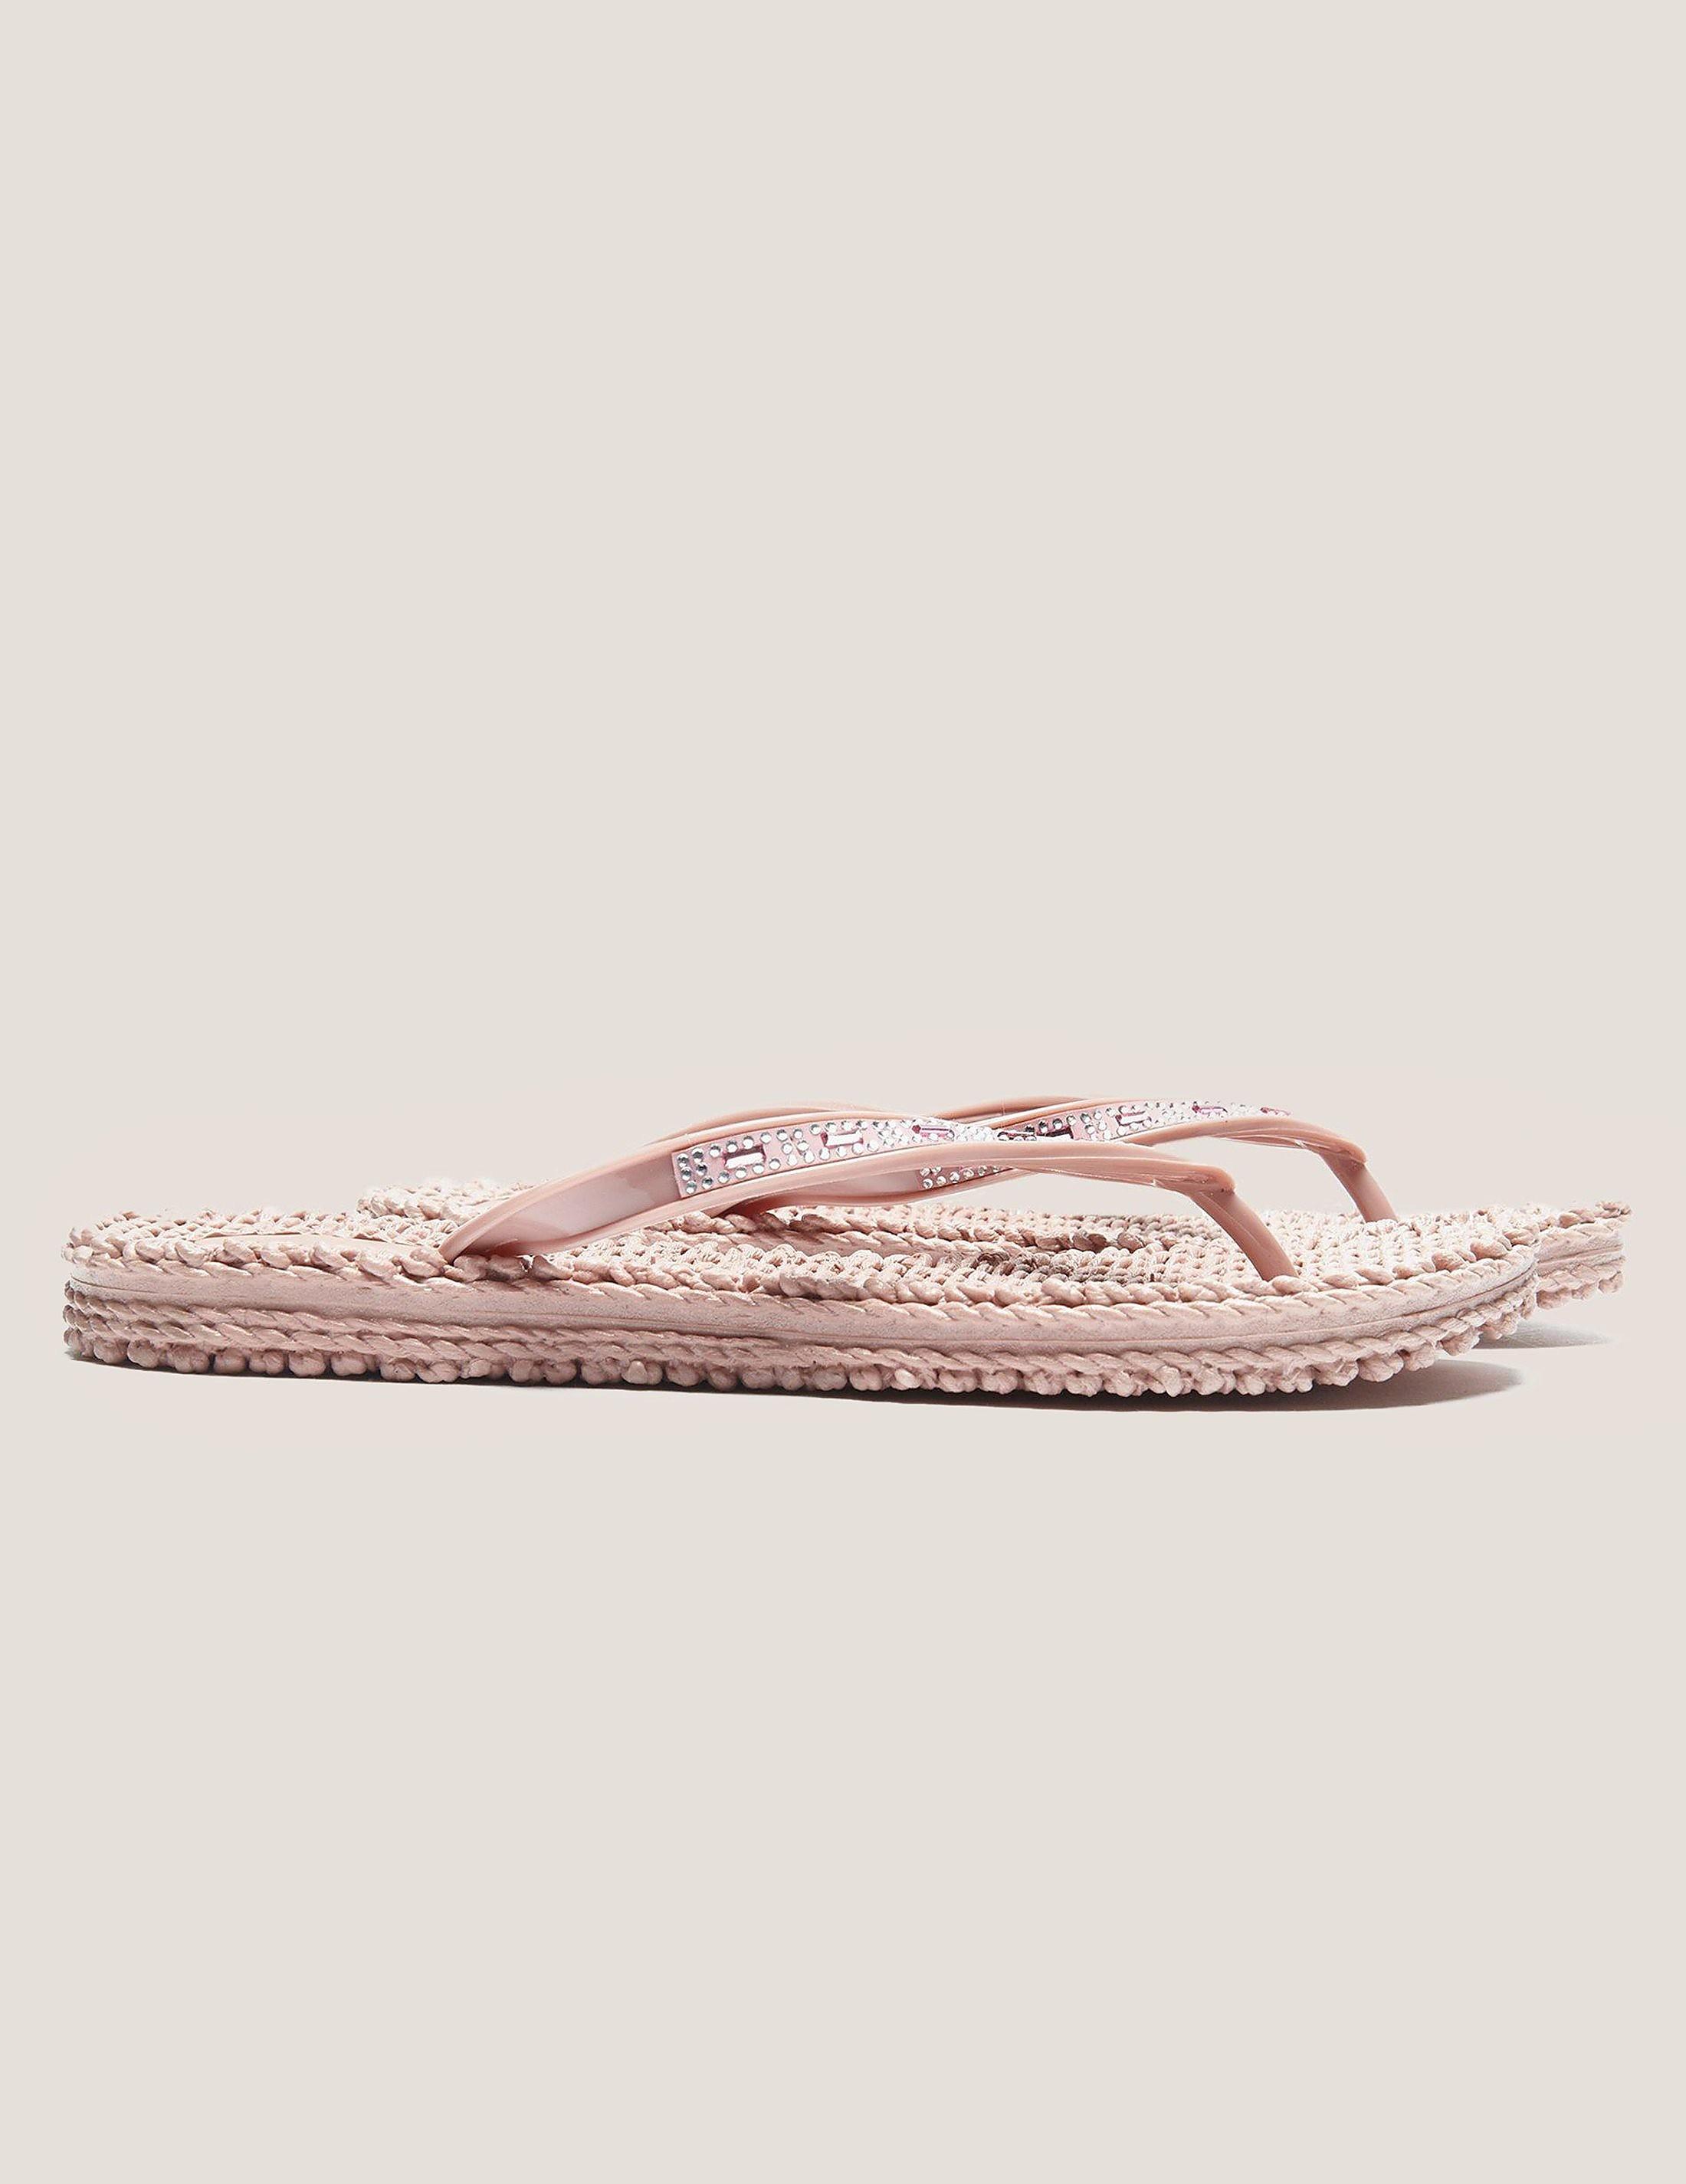 Ilse Jacobsen Jewel Flip Flop